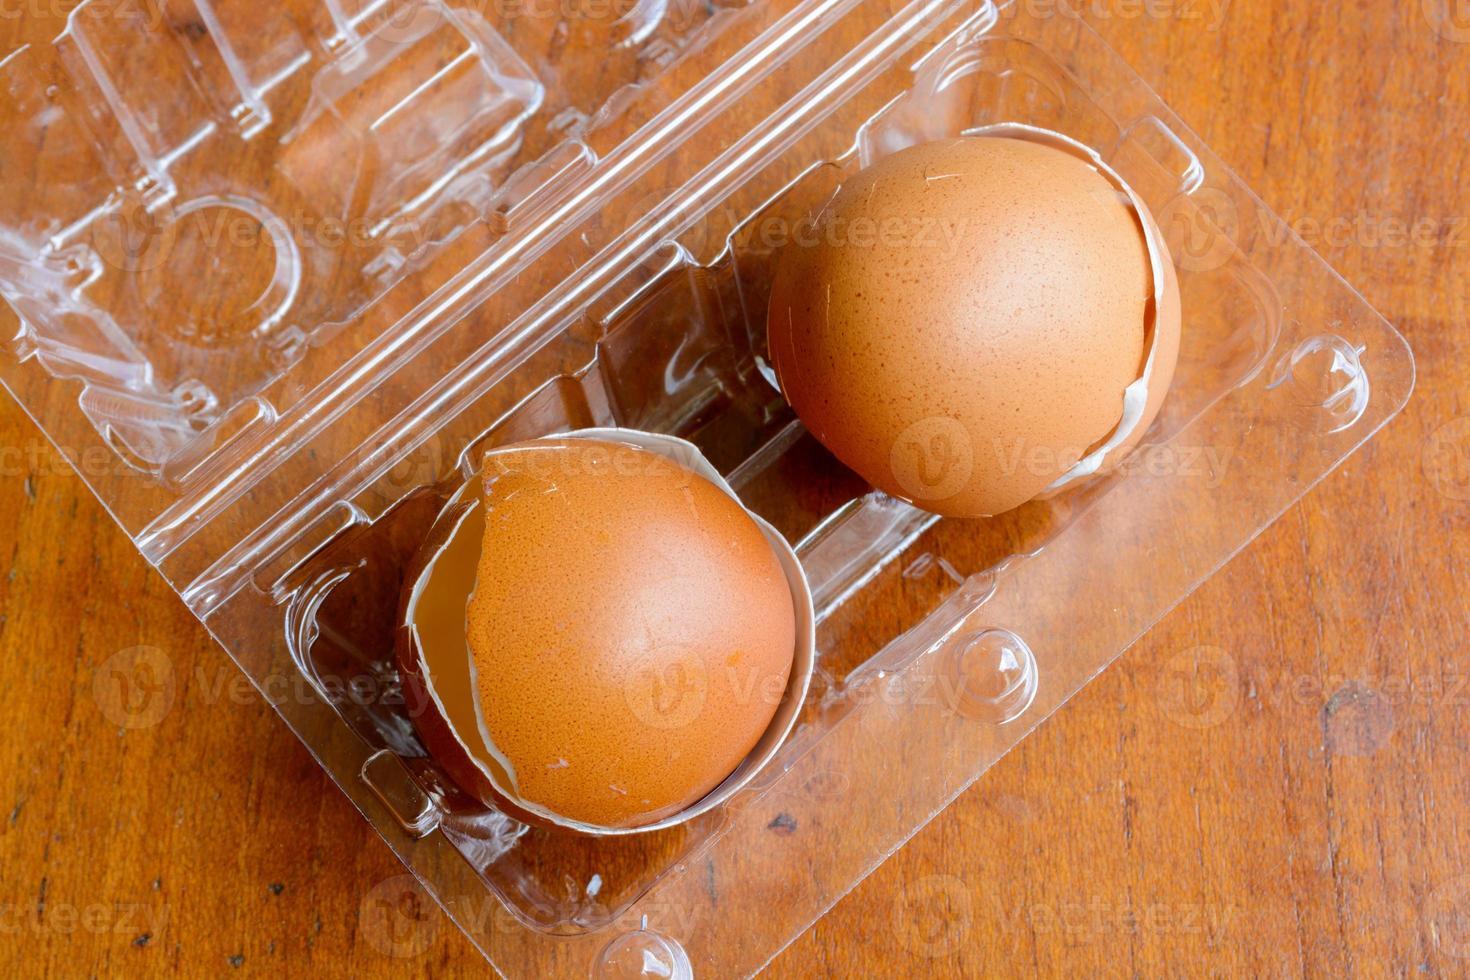 gebroken bruine eieren in de plastic doos op houten achtergrond foto